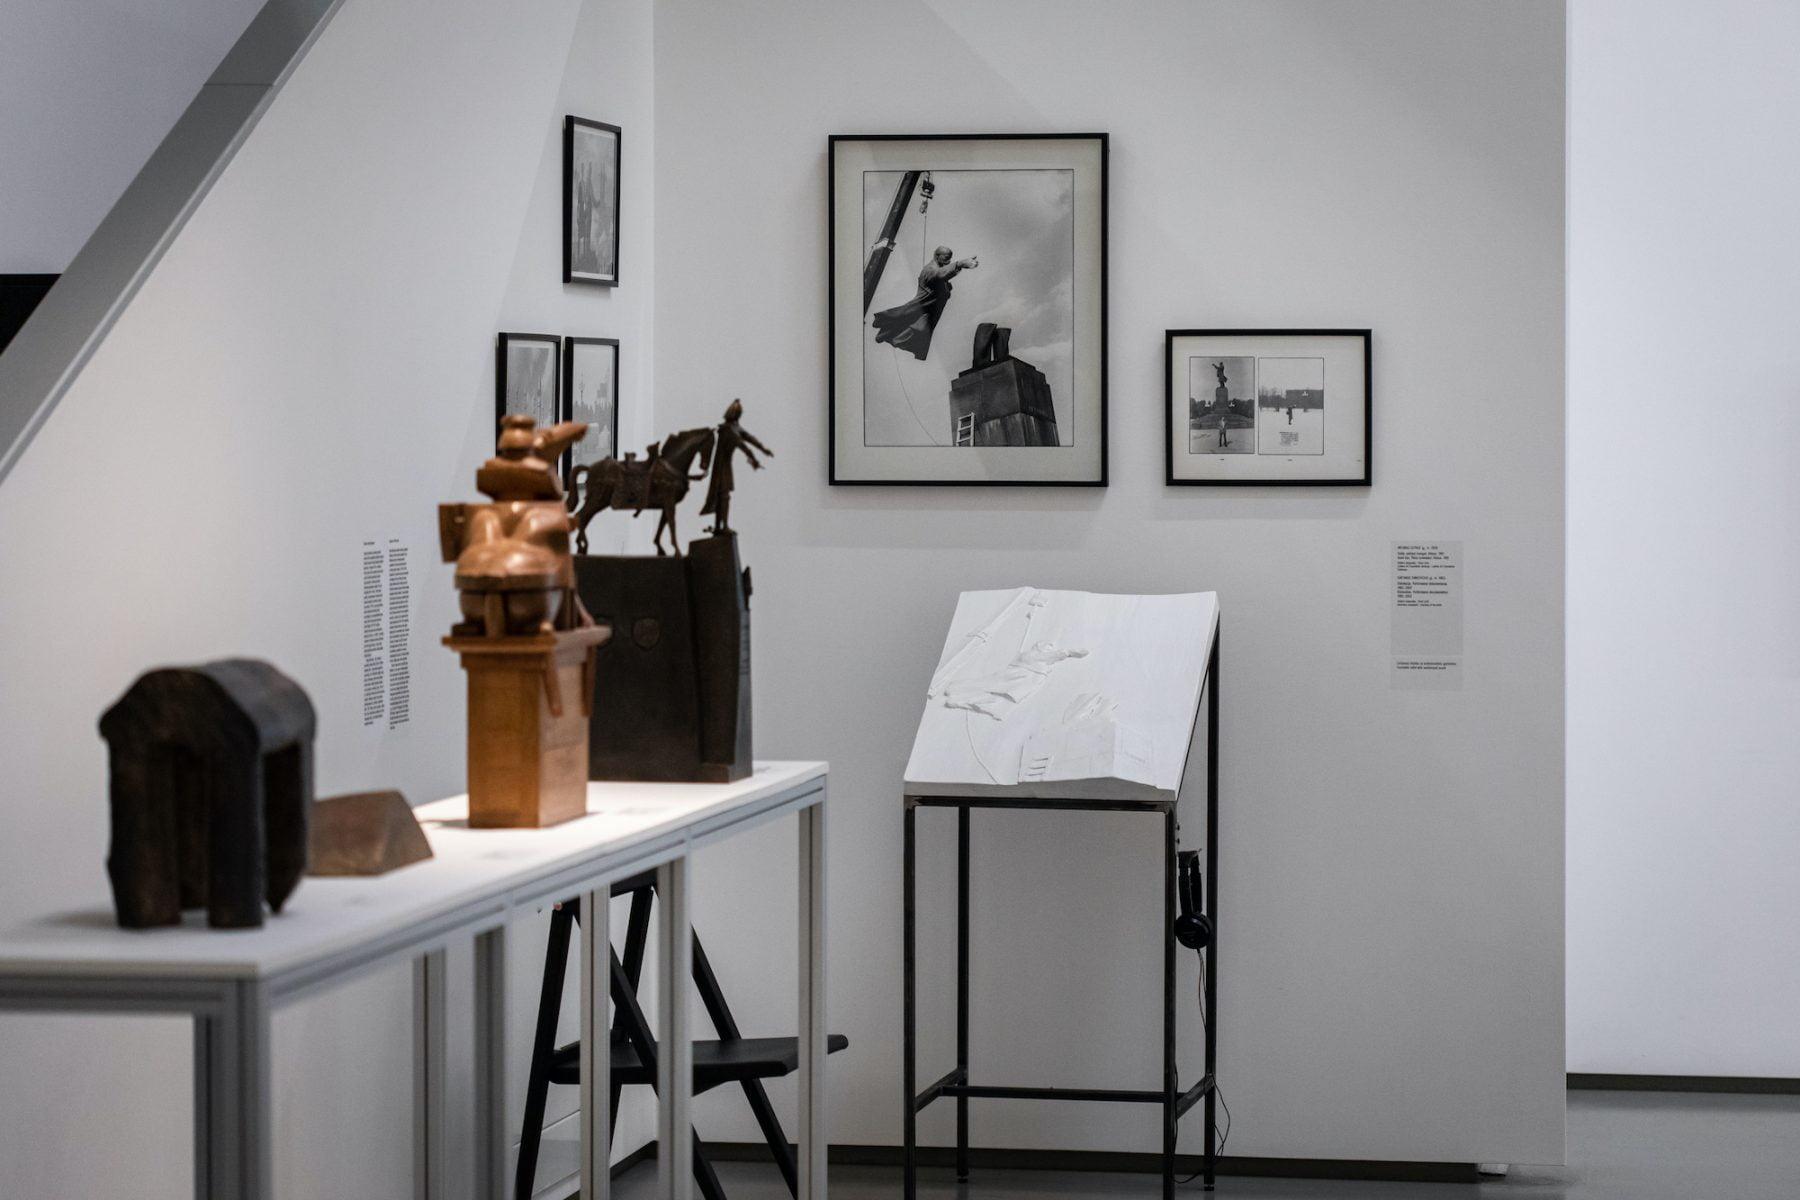 Nors jau leidžiama, muziejai atverti durų neskuba, galerijos lankytojus priimti gali ne visos